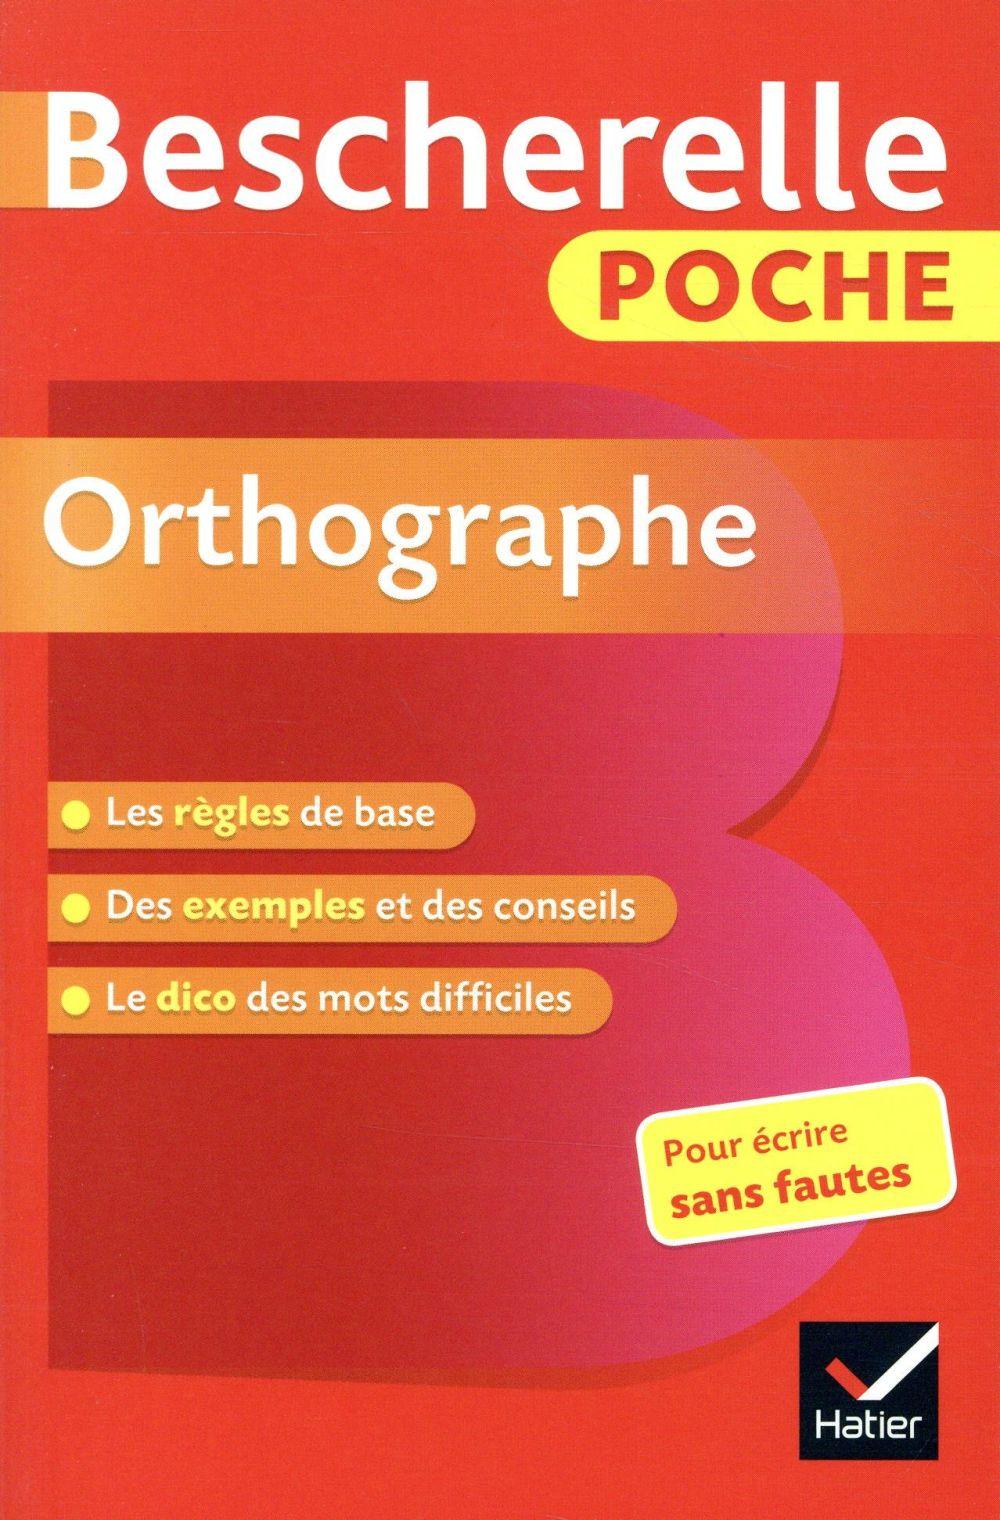 BESCHERELLE POCHE ORTHOGRAPHE